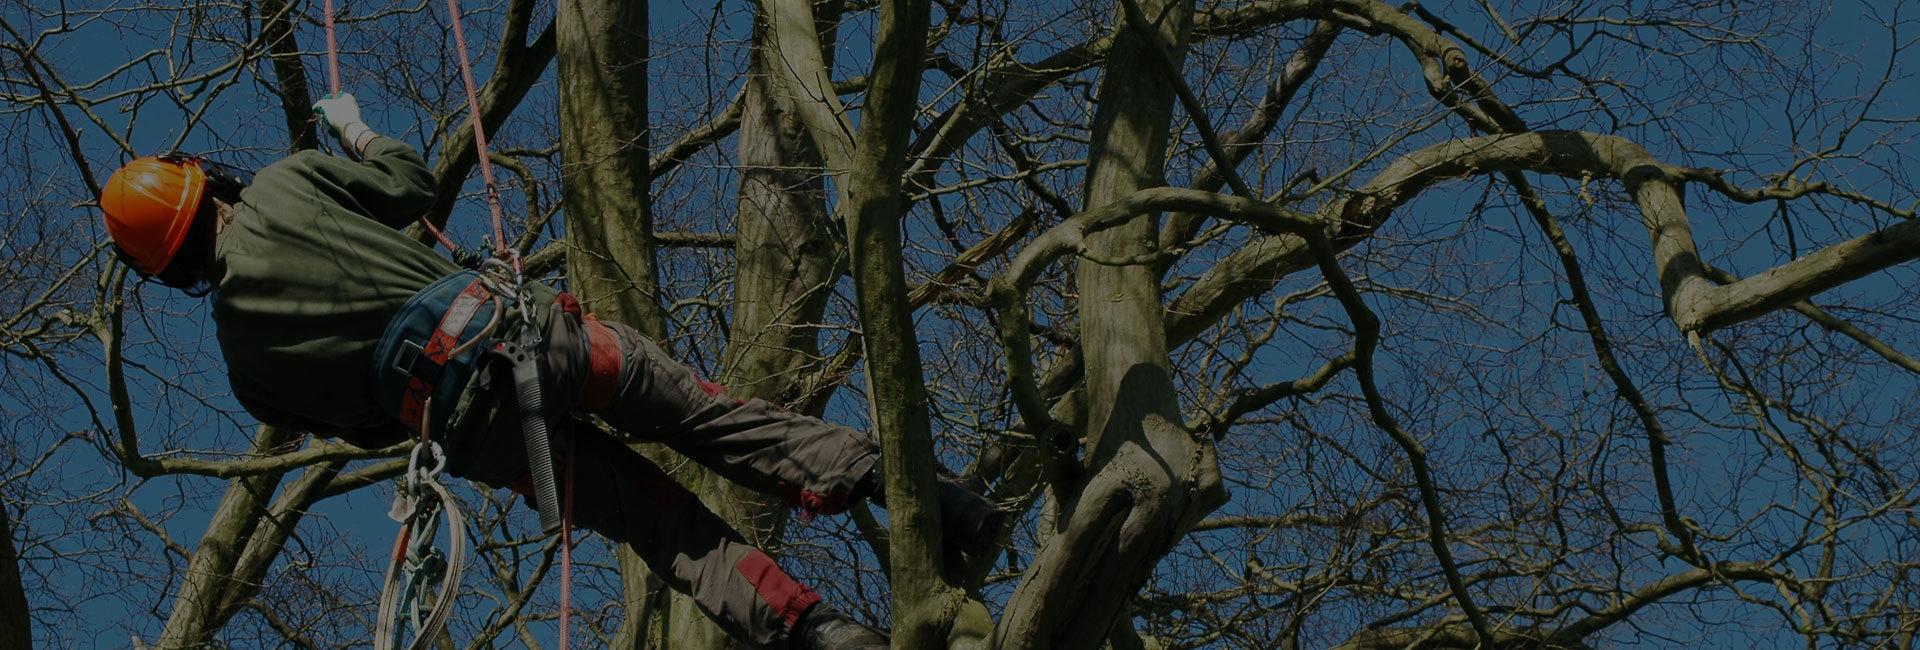 arboricultural